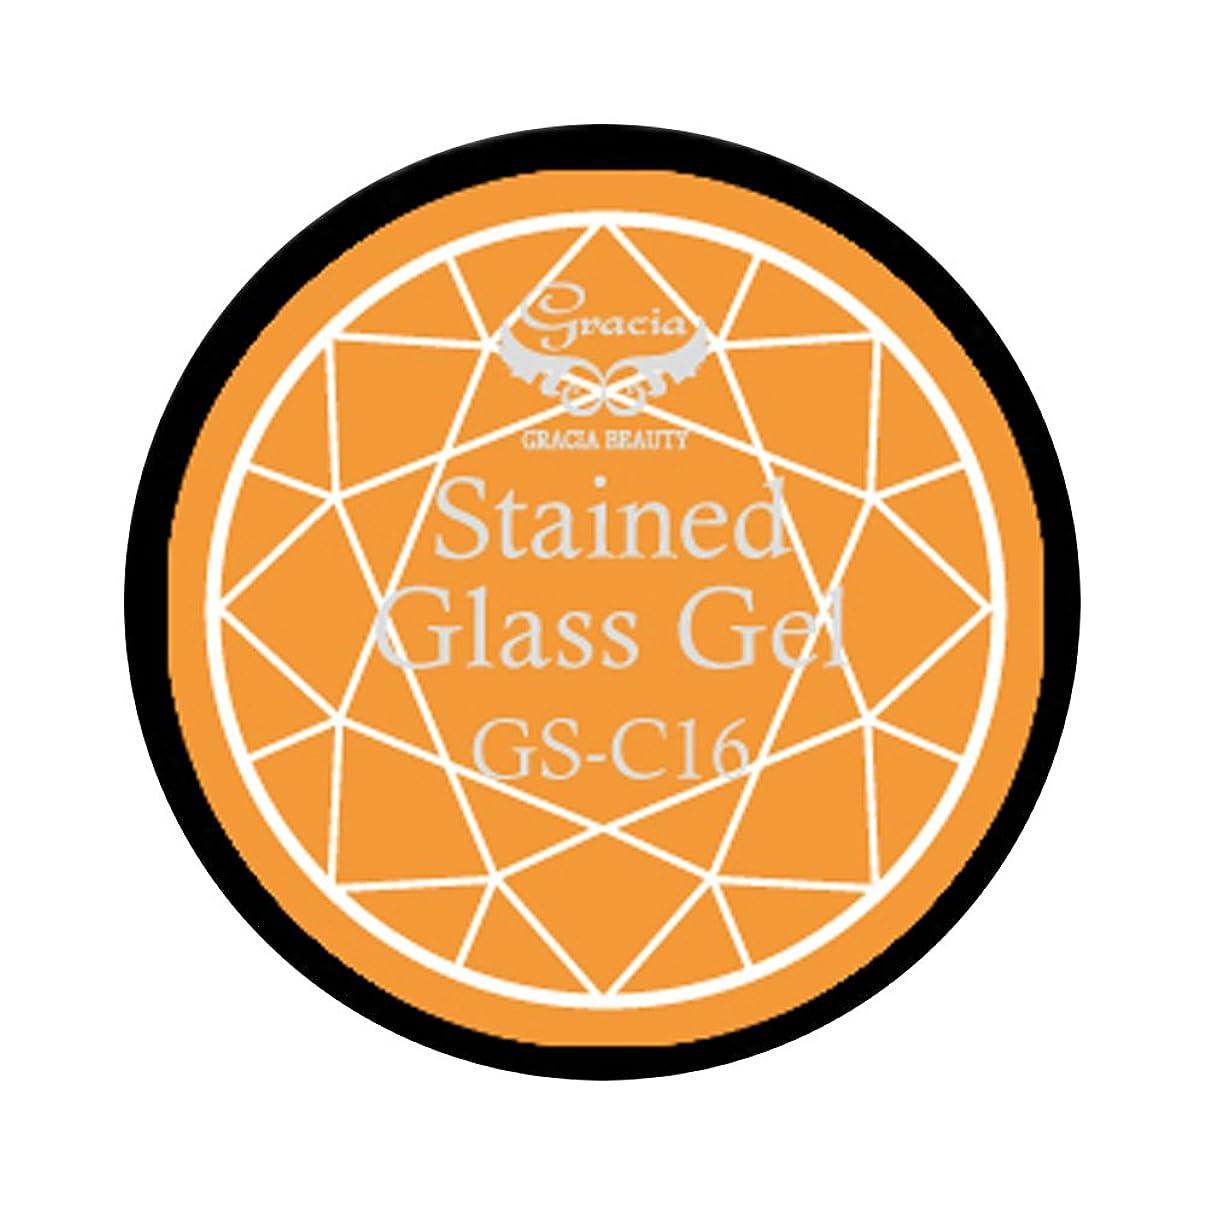 発掘権威他の場所グラシア ジェルネイル ステンドグラスジェル GSM-C16 3g  クリア UV/LED対応 カラージェル ソークオフジェル ガラスのような透明感